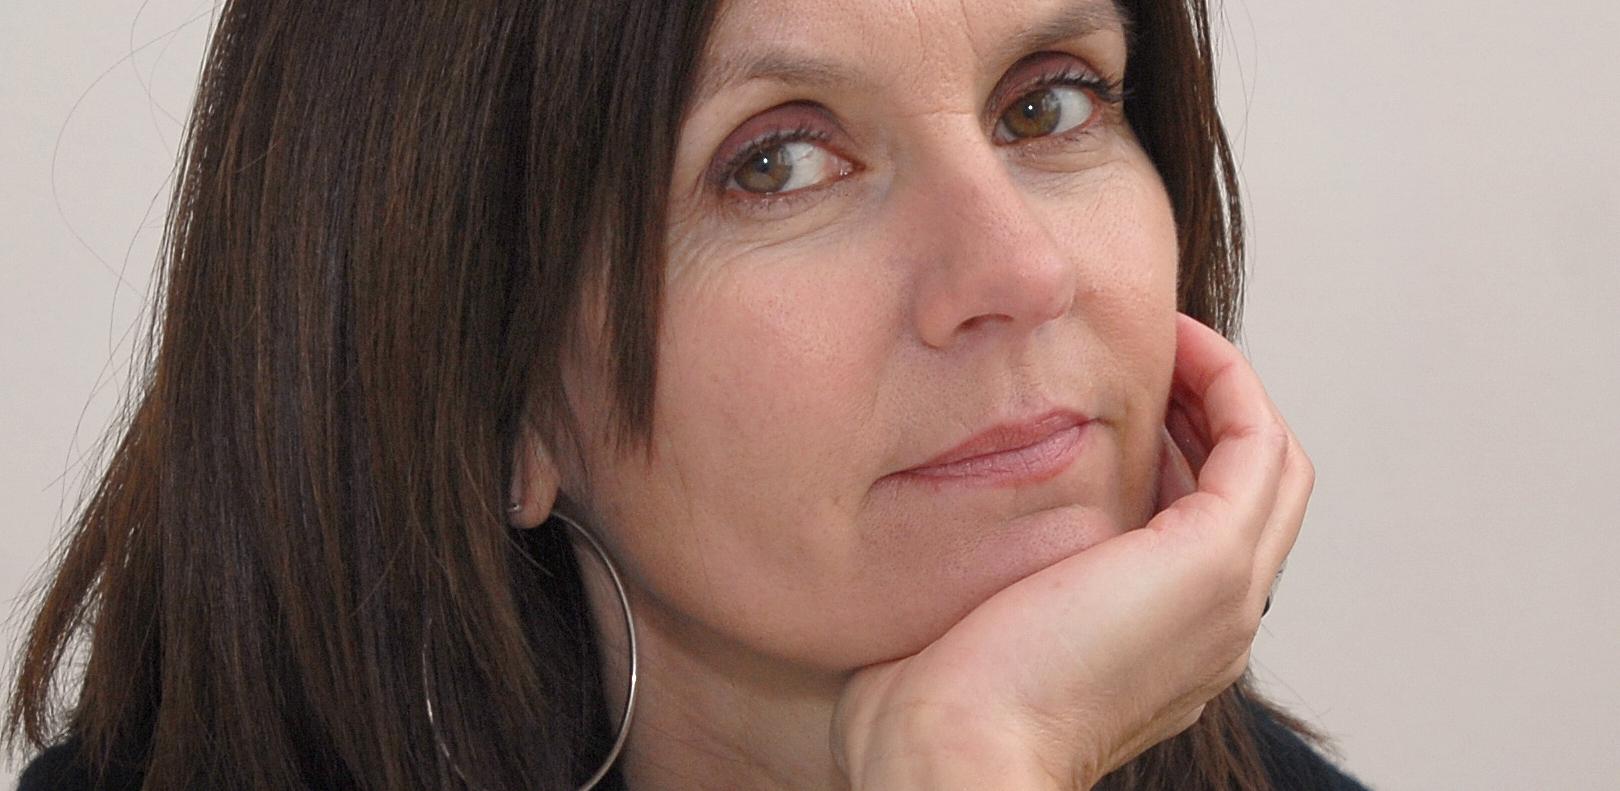 Lise-Marte Vikse Kallåk